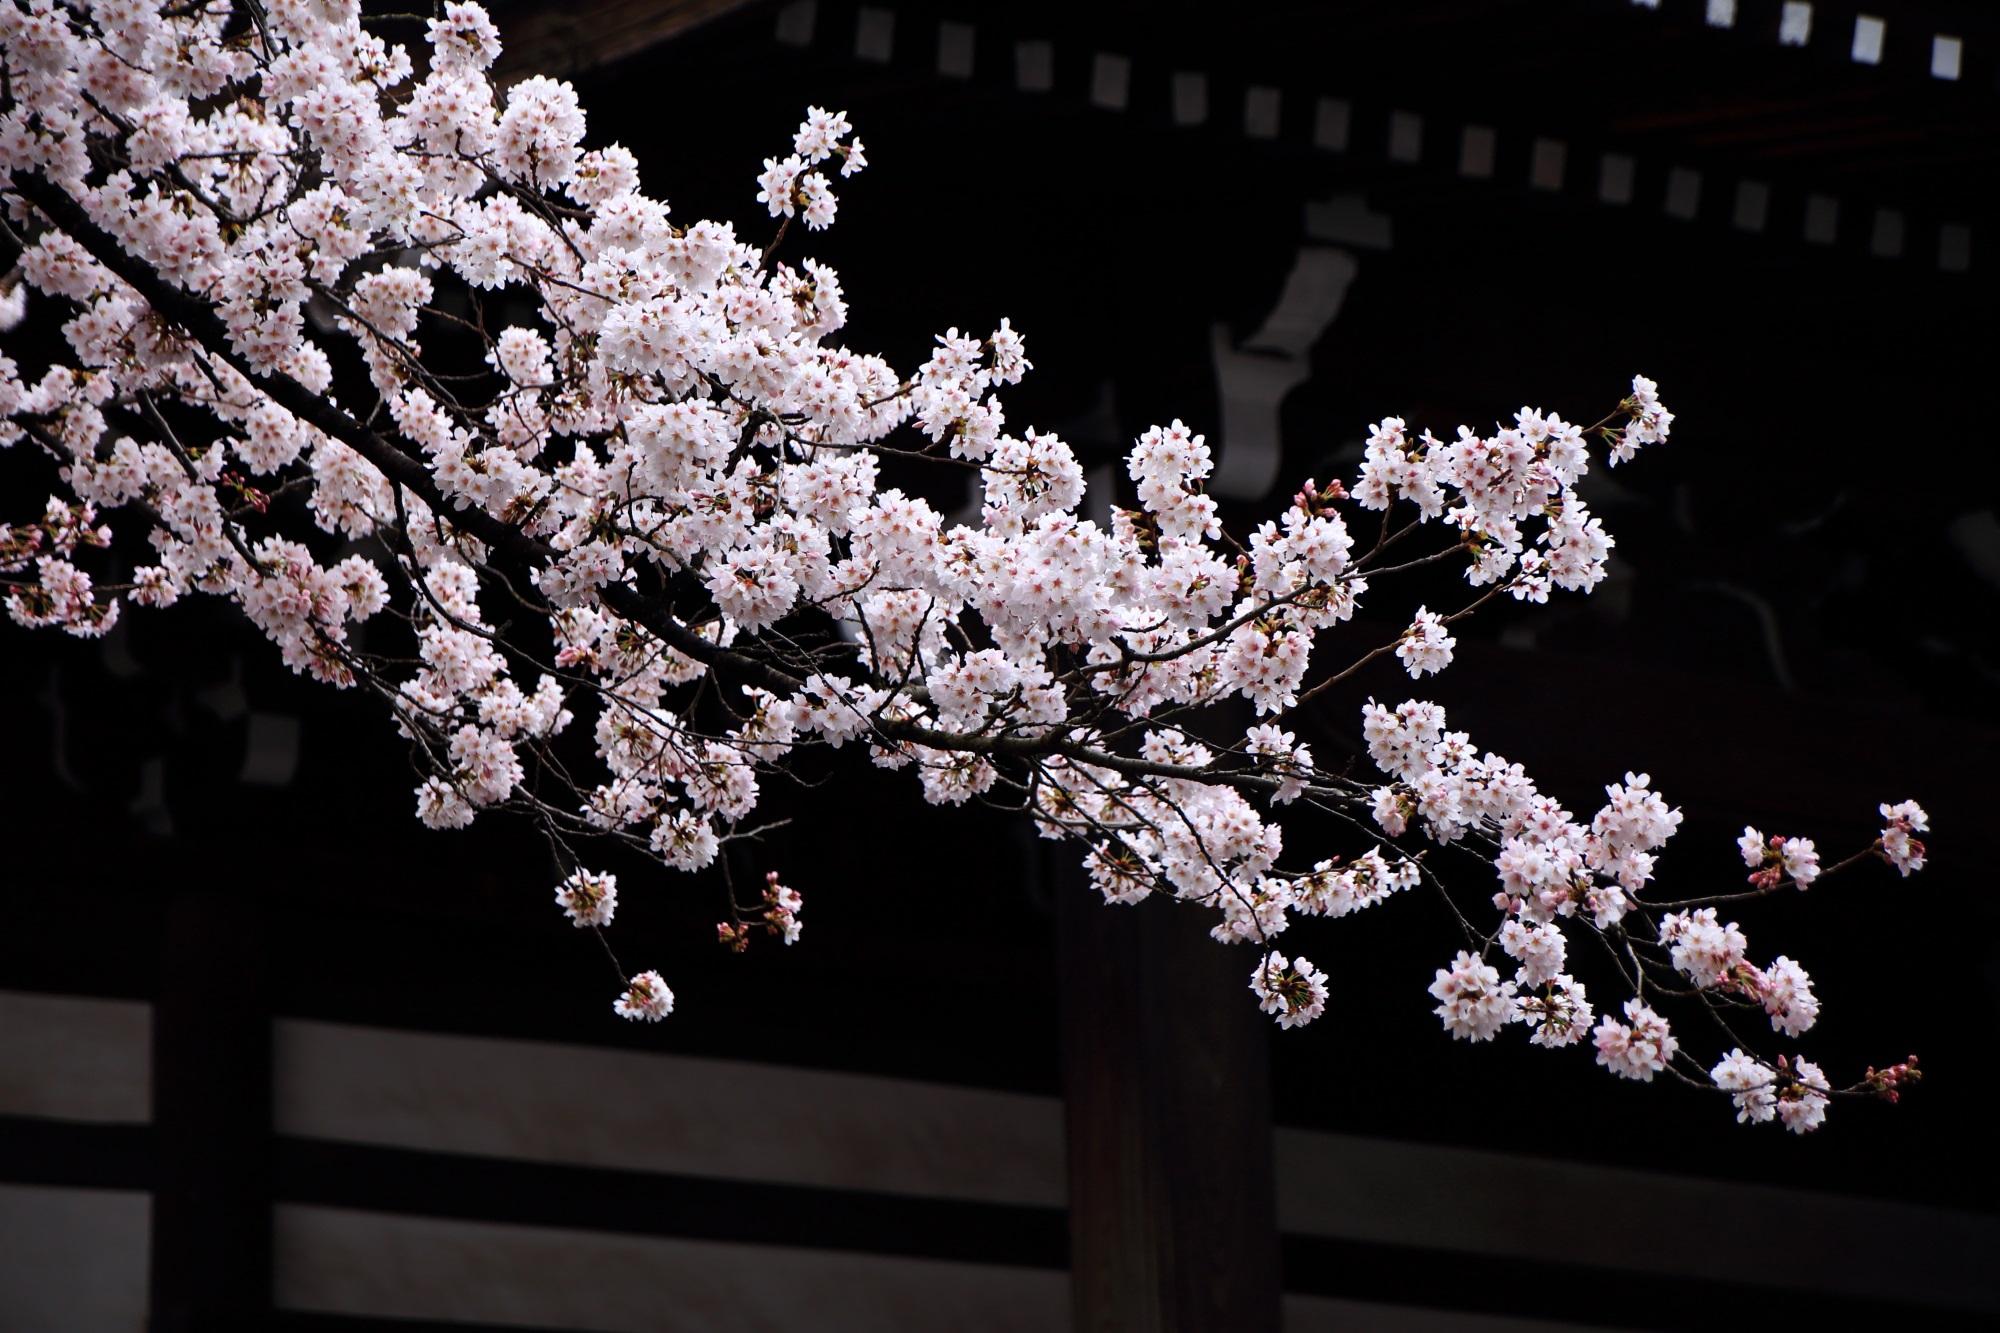 桜 妙顕寺 みょうけんじ 穴場 春